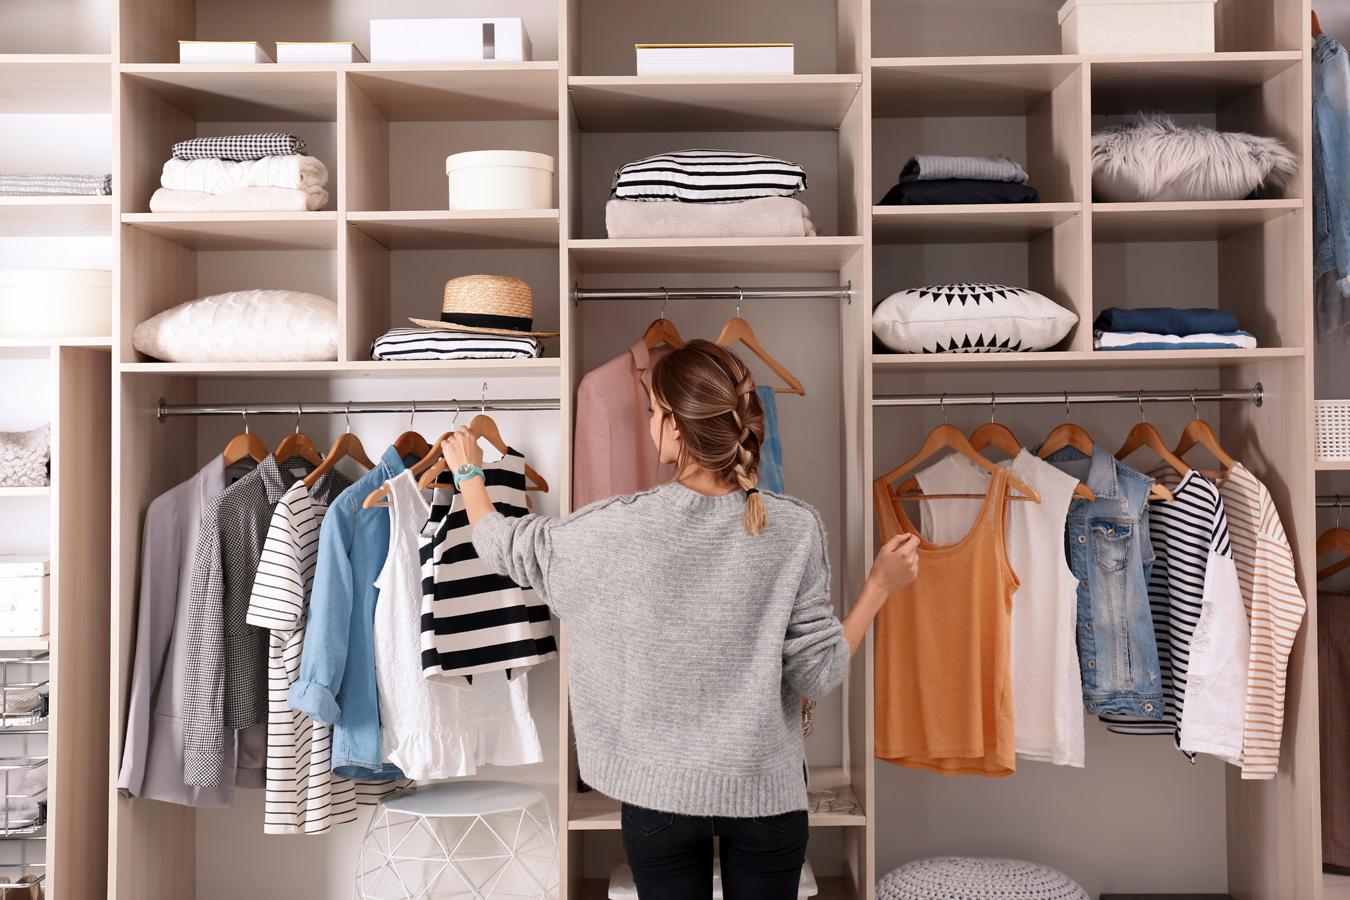 Foto de uma mulher arrumando o closet